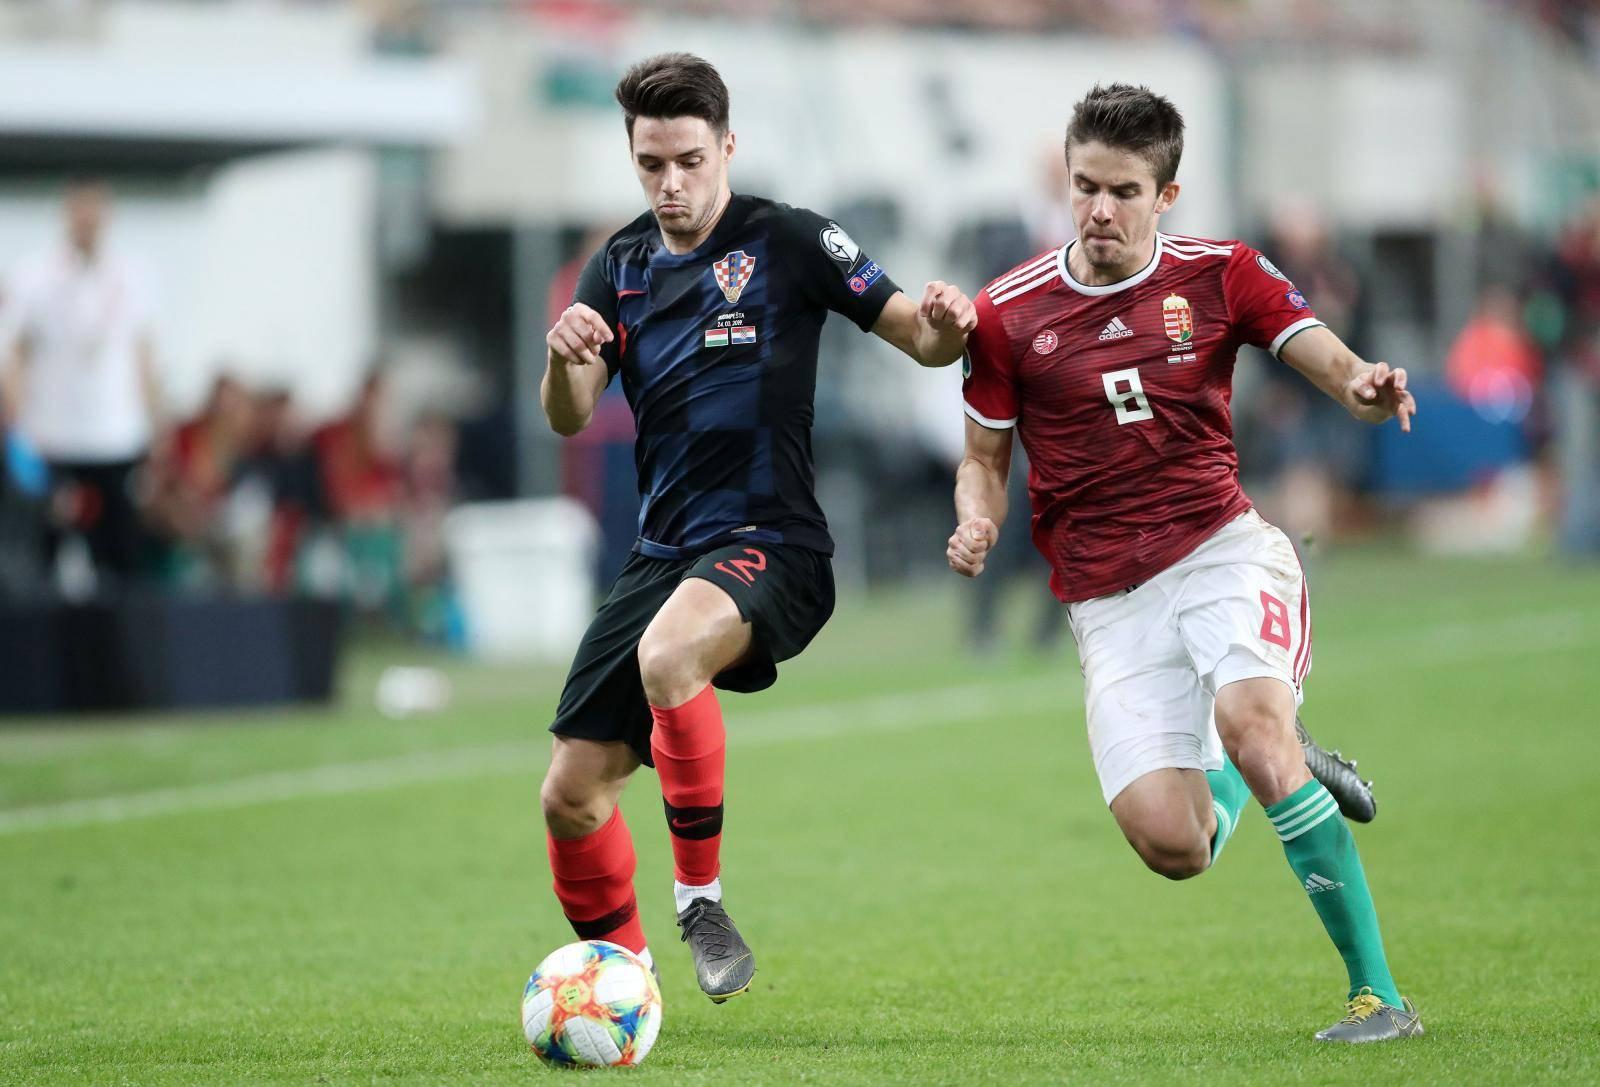 Budimpešta: Kvalifikacijska utakmica za Europsko prvenstvo 2020. između Mađarske i Hrvatske